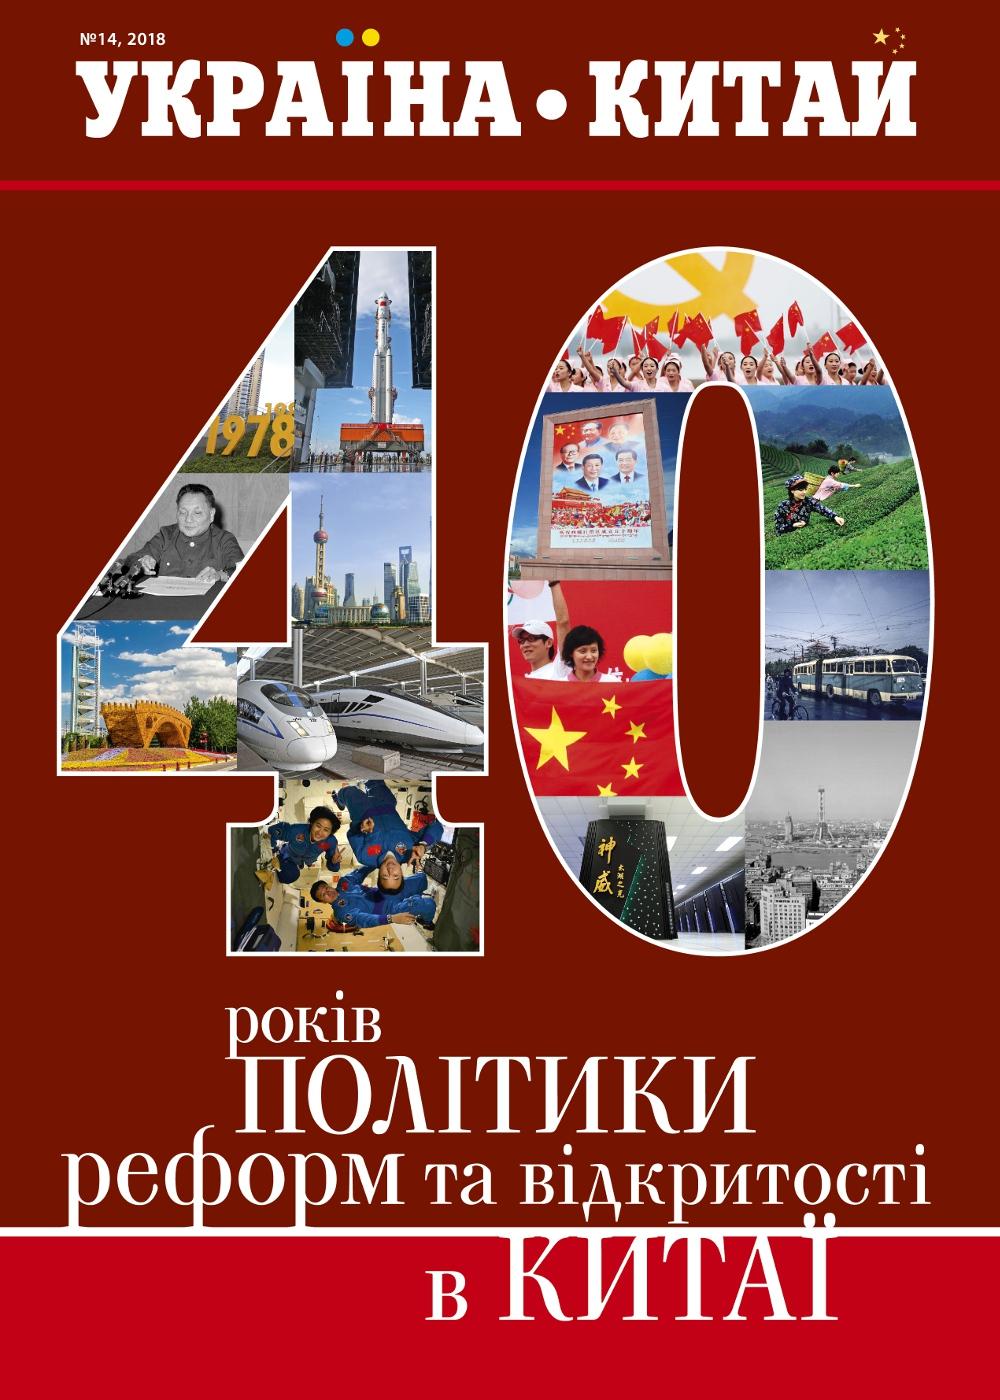 Ukraine-China 2018, 14